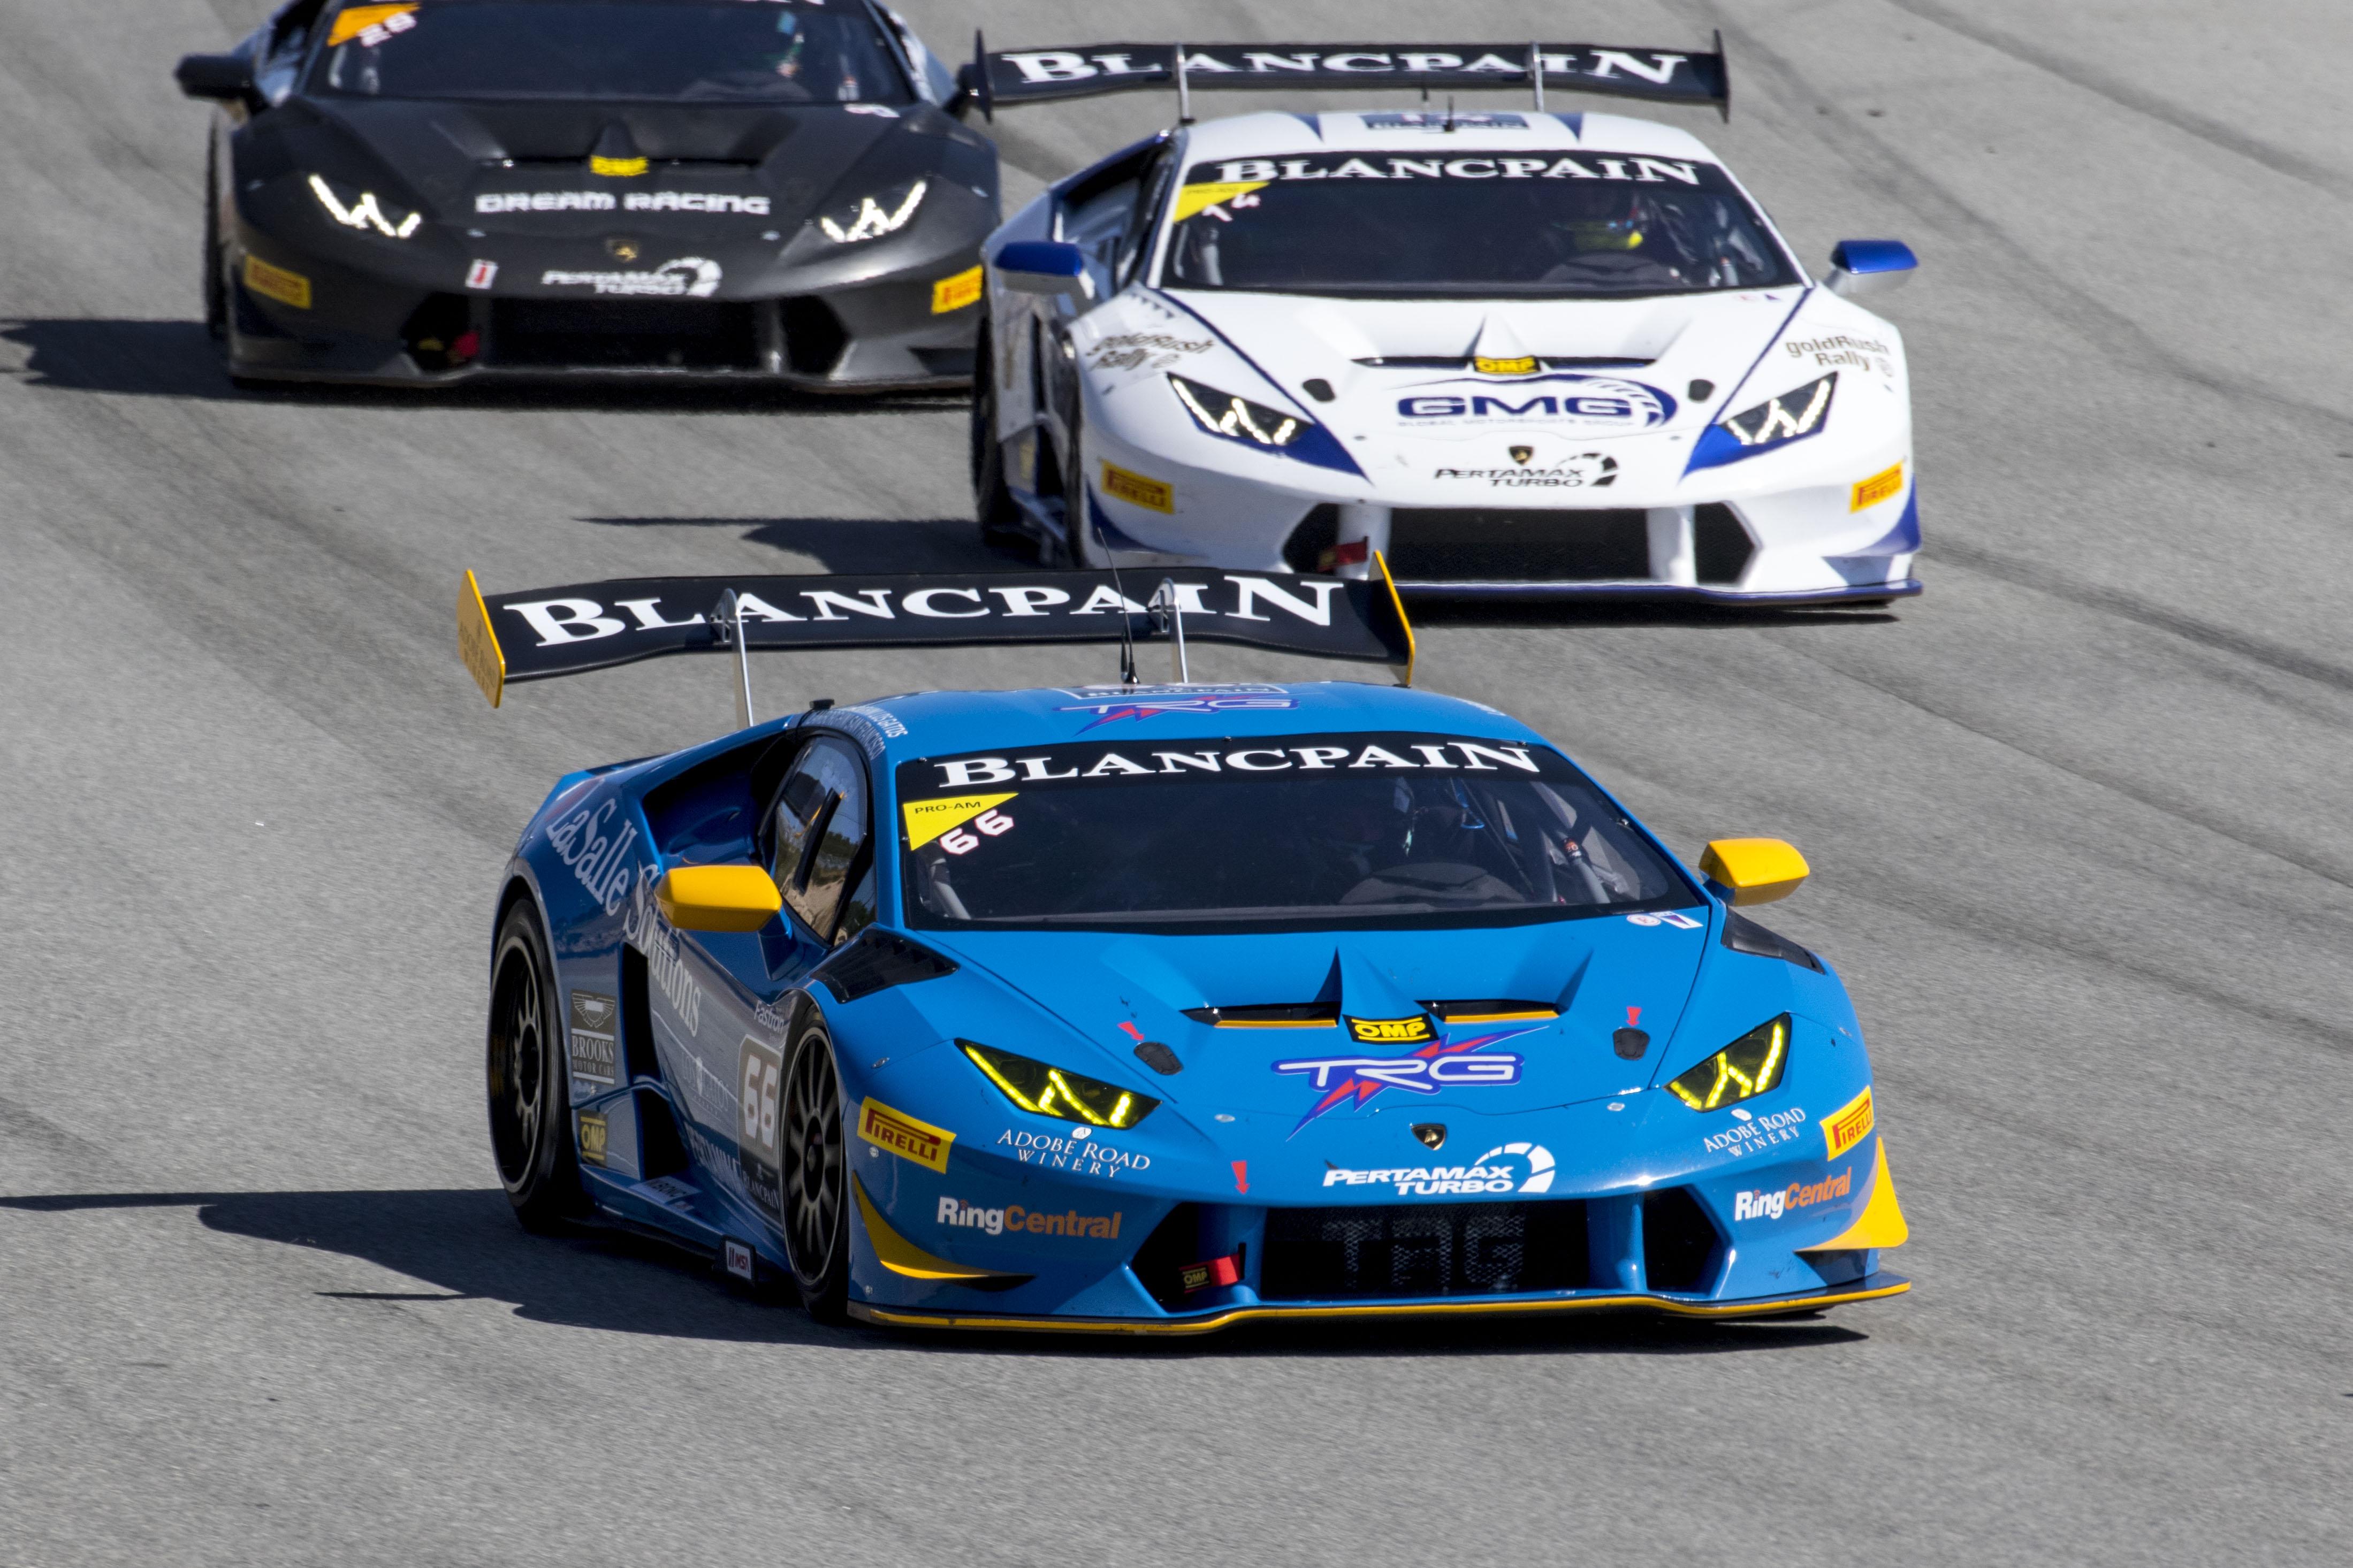 TRG to Debut New Lamborghini Super Trofeo Team at Mazda Raceway Laguna Seca